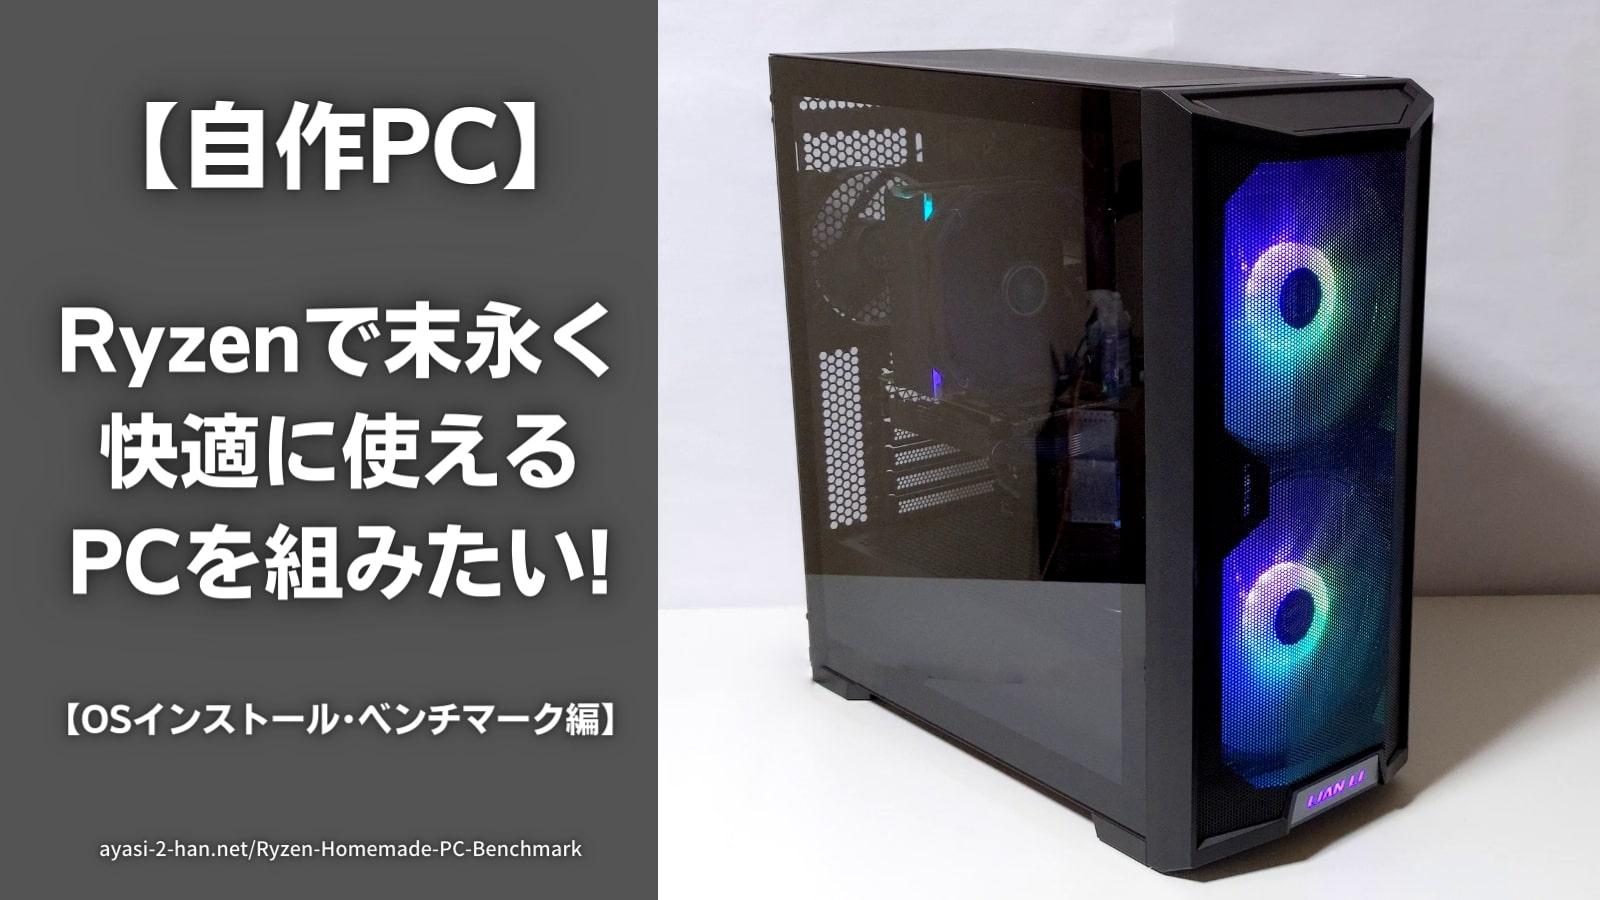 【自作PC】Ryzenで末永く快適に使えるPCを組みたい!【OSインストール・ベンチマーク編】